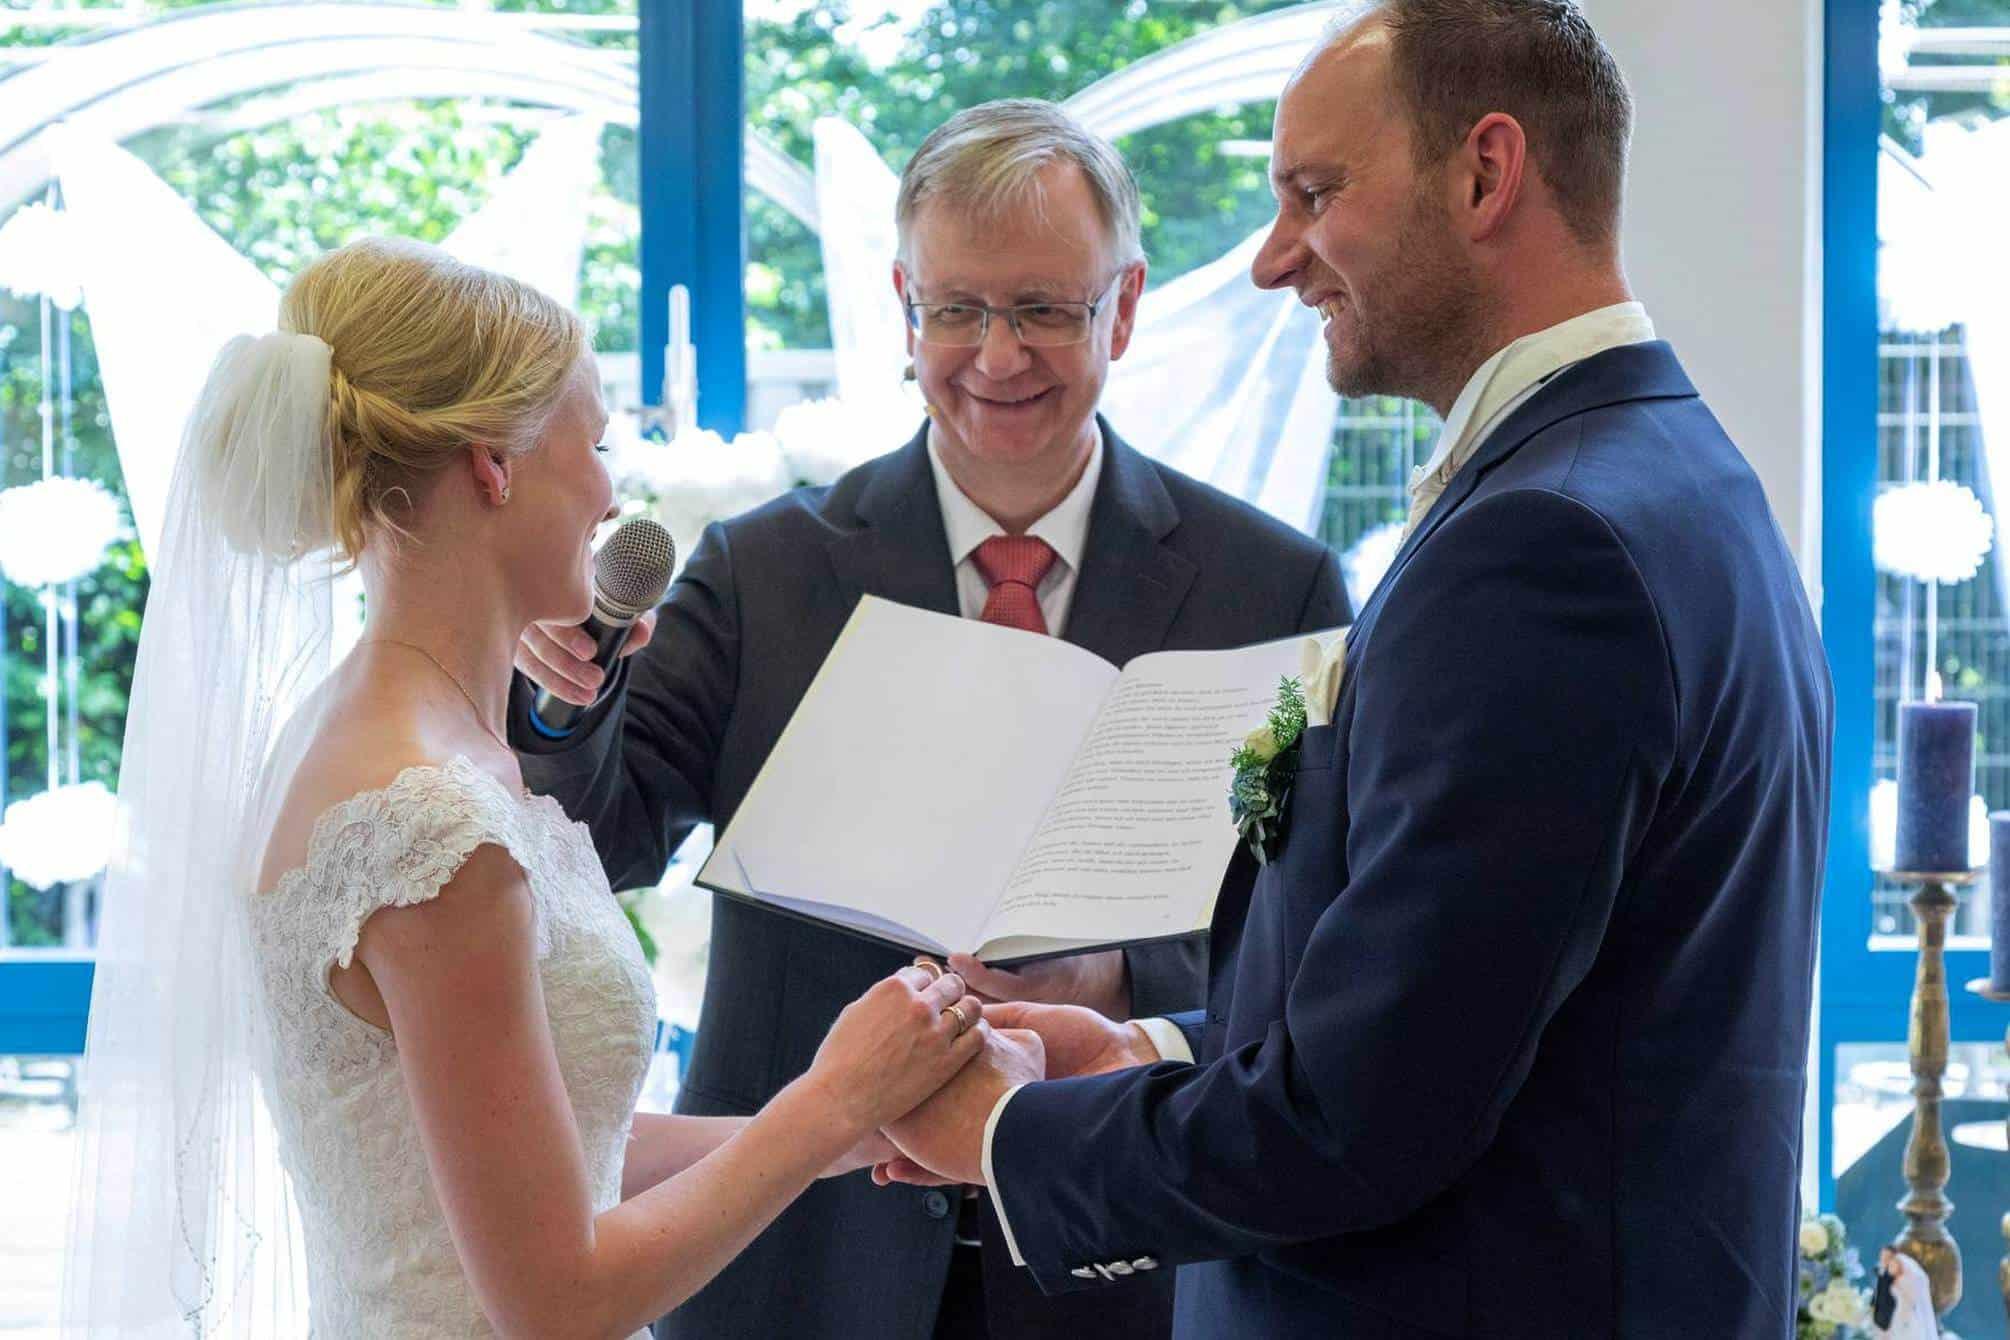 Braut spricht das Eheversprechen